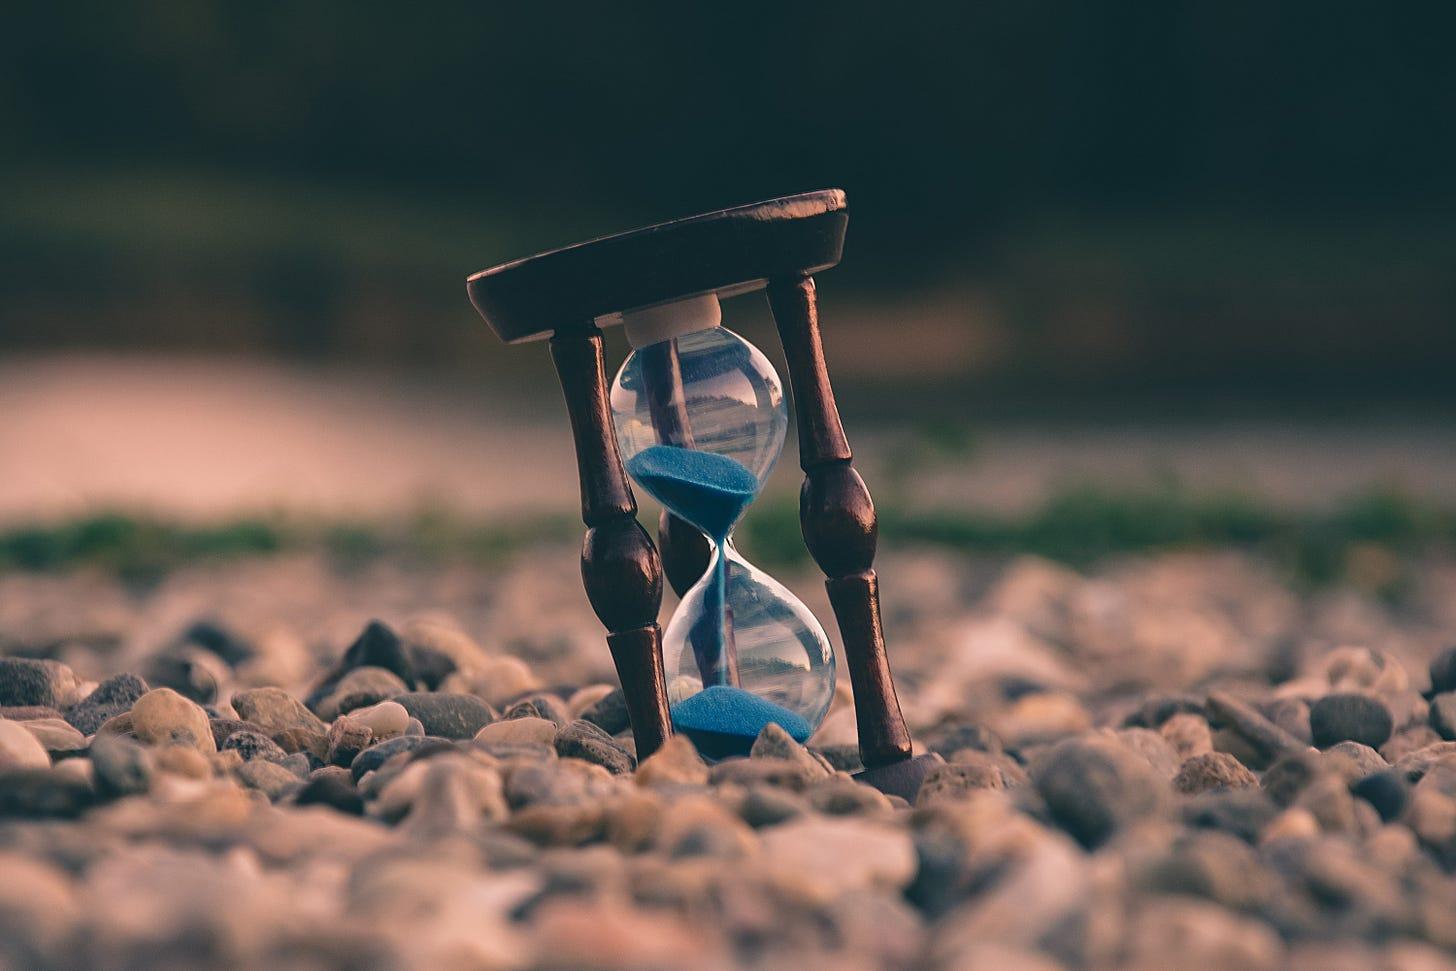 Hour glass on a beach